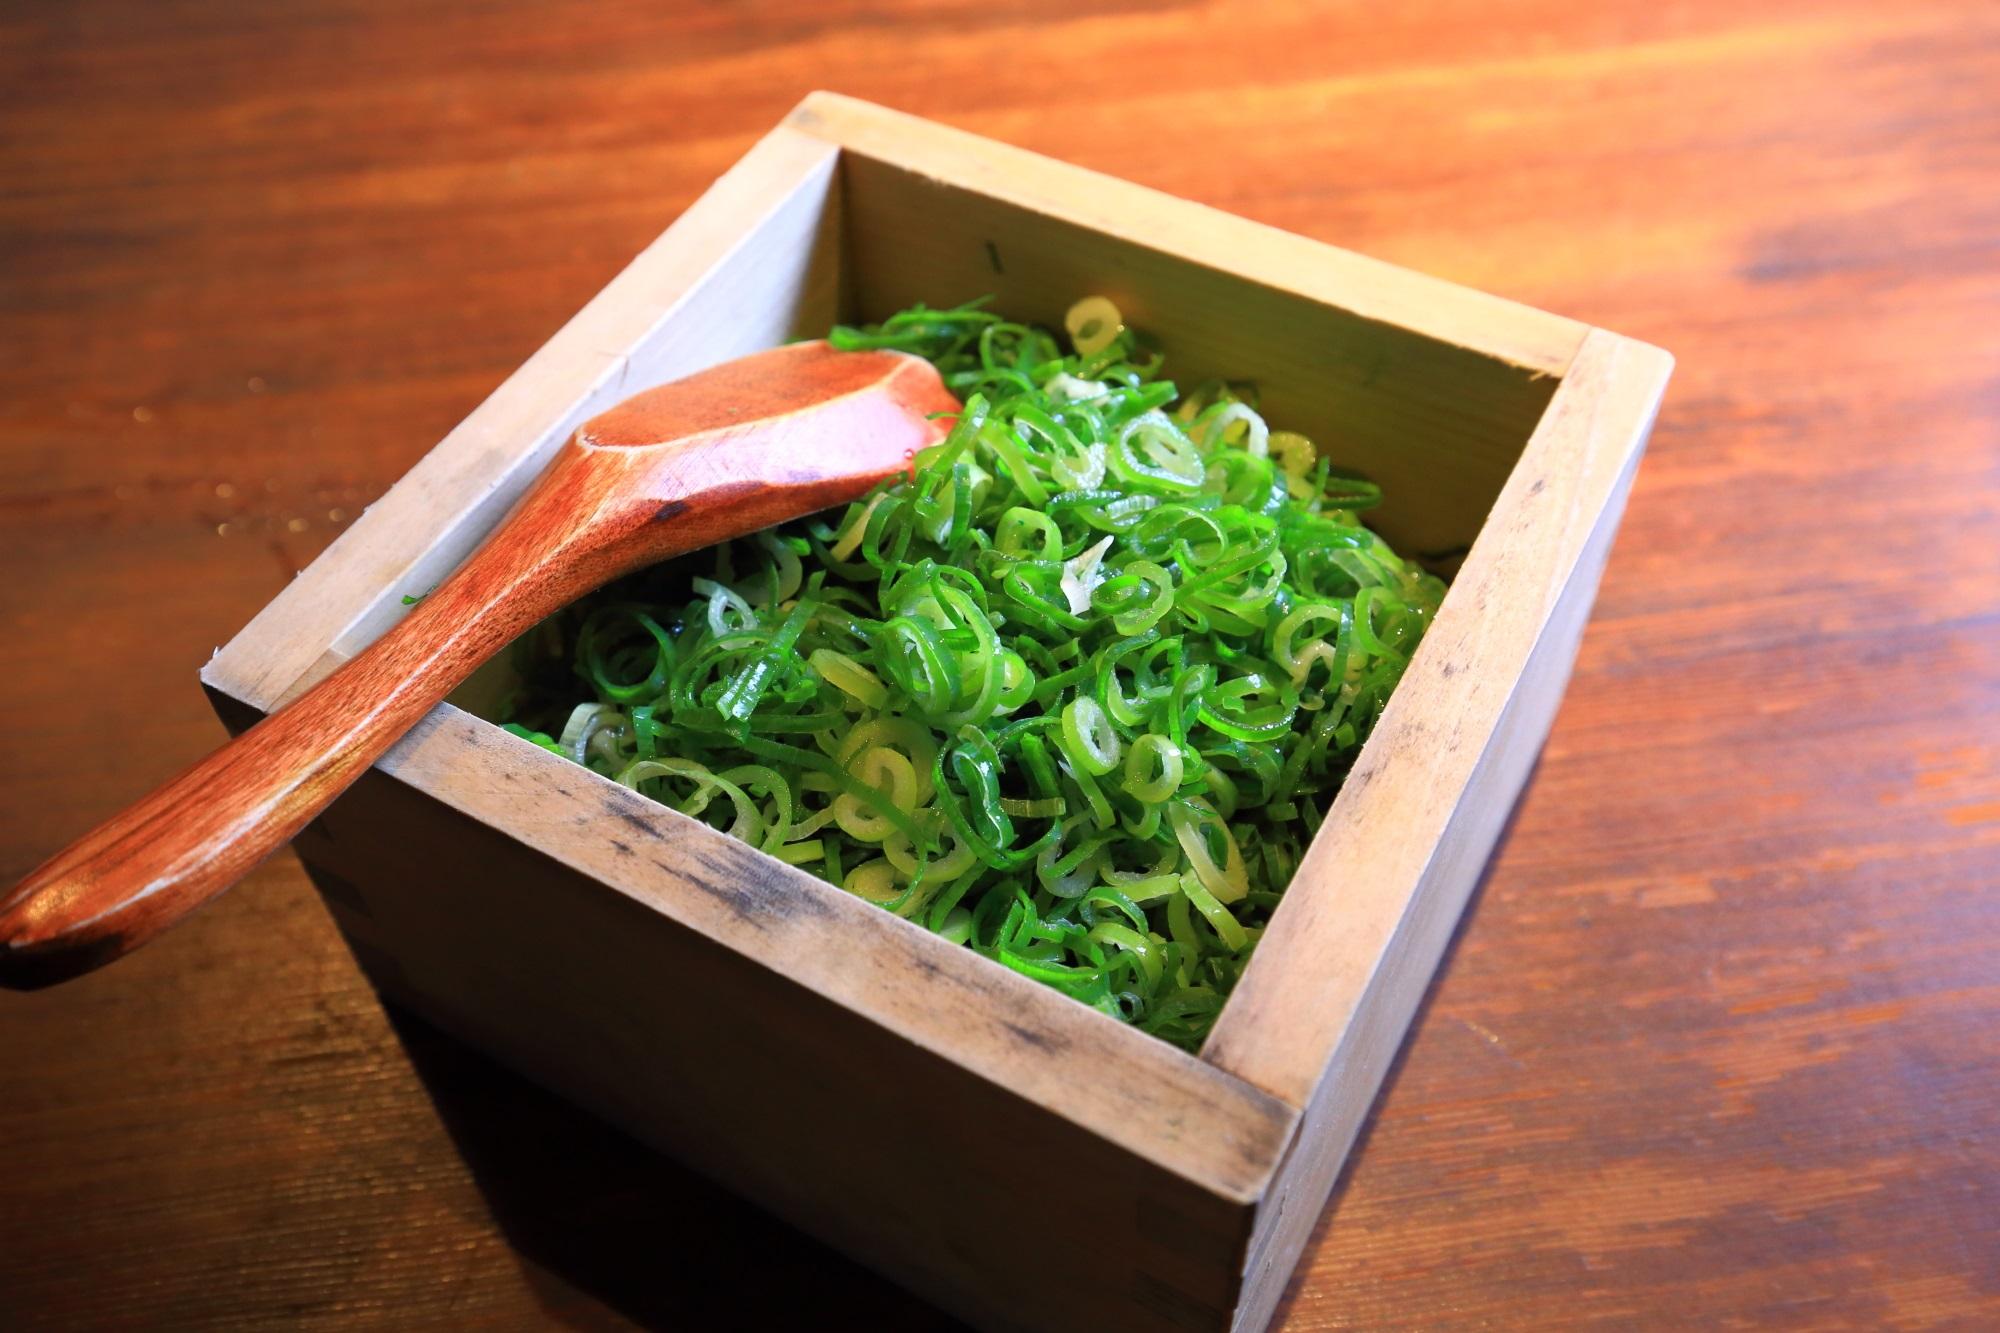 人気の和食の葱や平吉高瀬川店のかけ放題のネギ